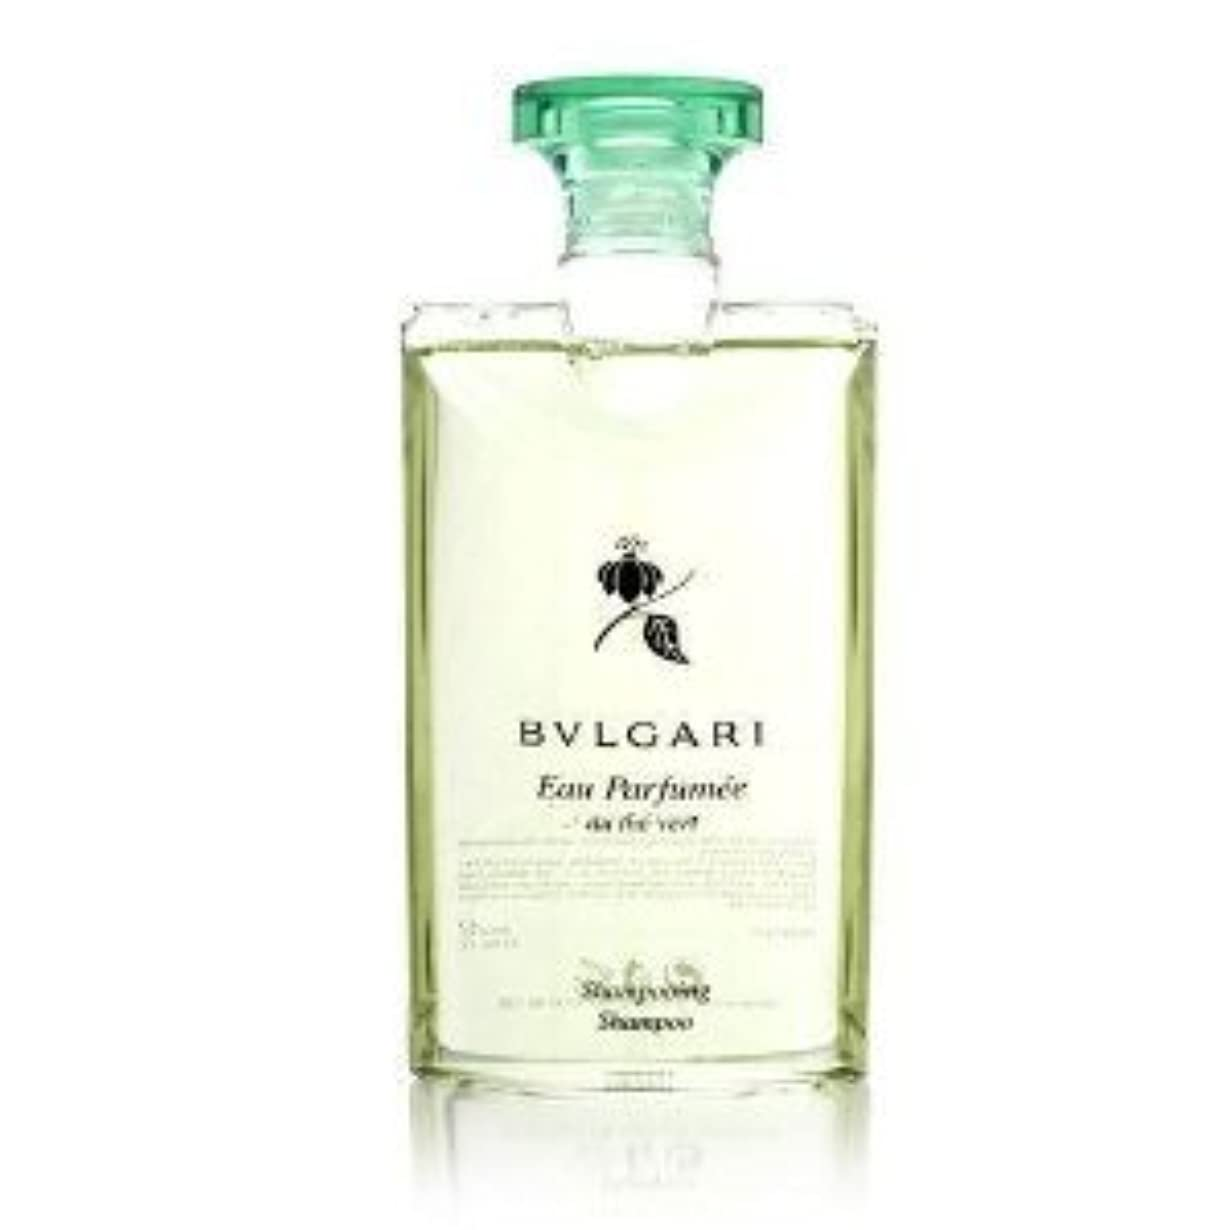 ストラトフォードオンエイボン代替嫌がるBvlgari Eau Parfumee au the vert (ブルガリ オー パフュ-メ オウ ザ バート / グリーン ティー) 2.5 oz (75ml) シャンプー